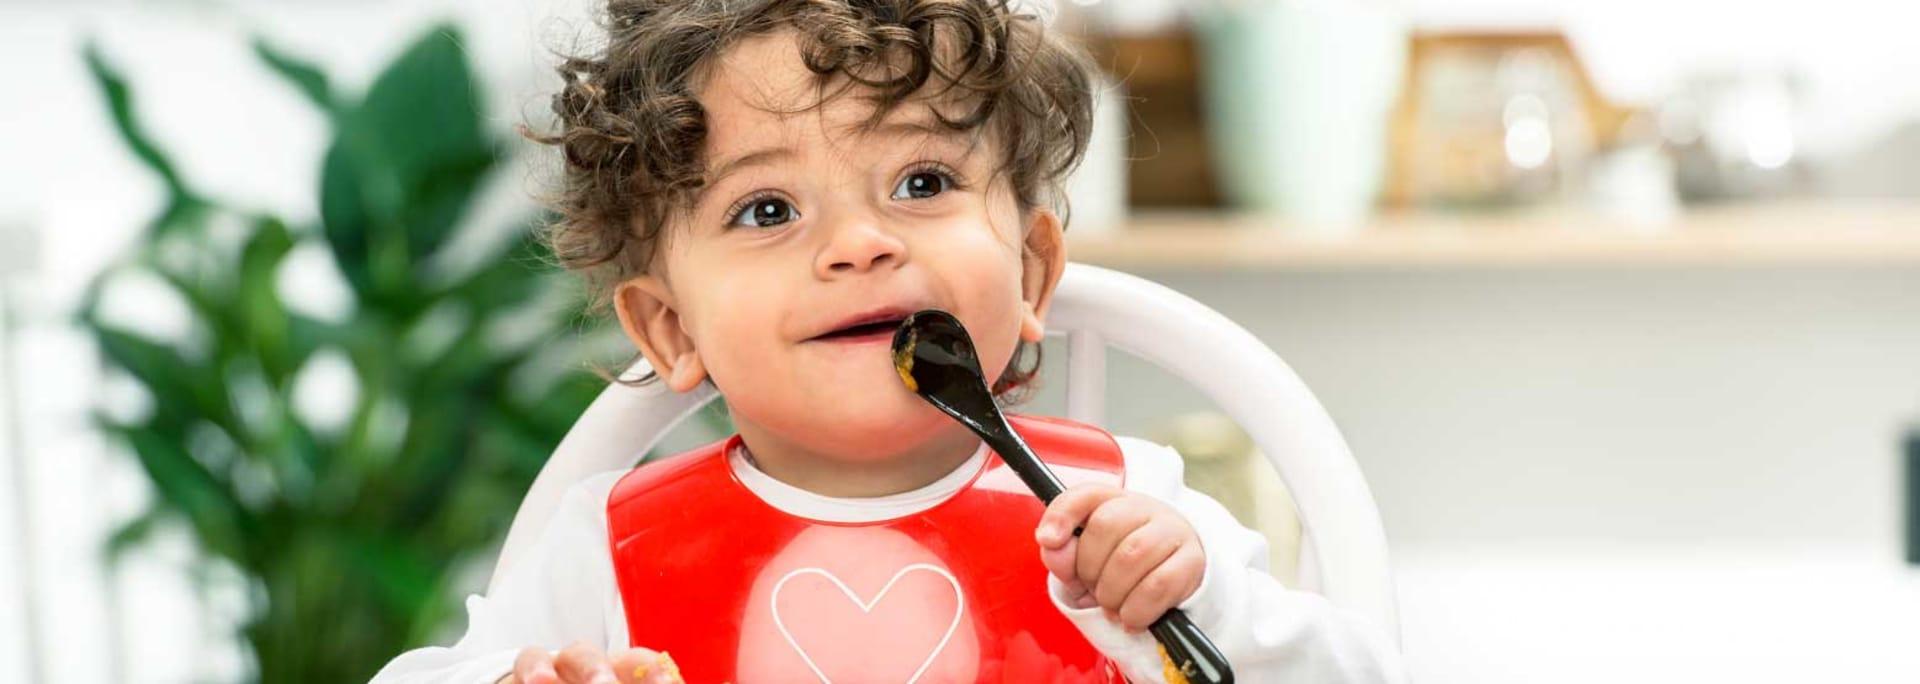 Barn spiser barnemat fra Semper